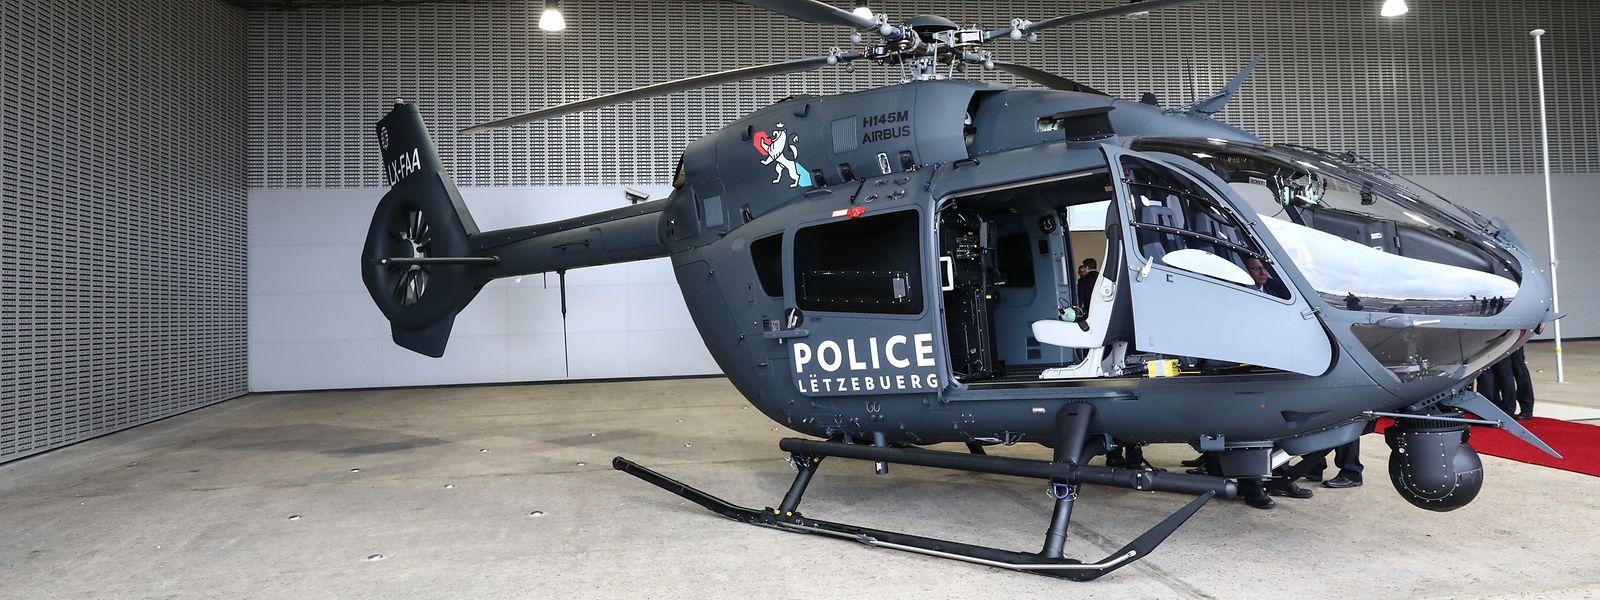 Der erste von zwei neuen Polizeihubschraubern wurde am Freitag feierlich von Airbus an die Luxemburger Polizei übergeben.